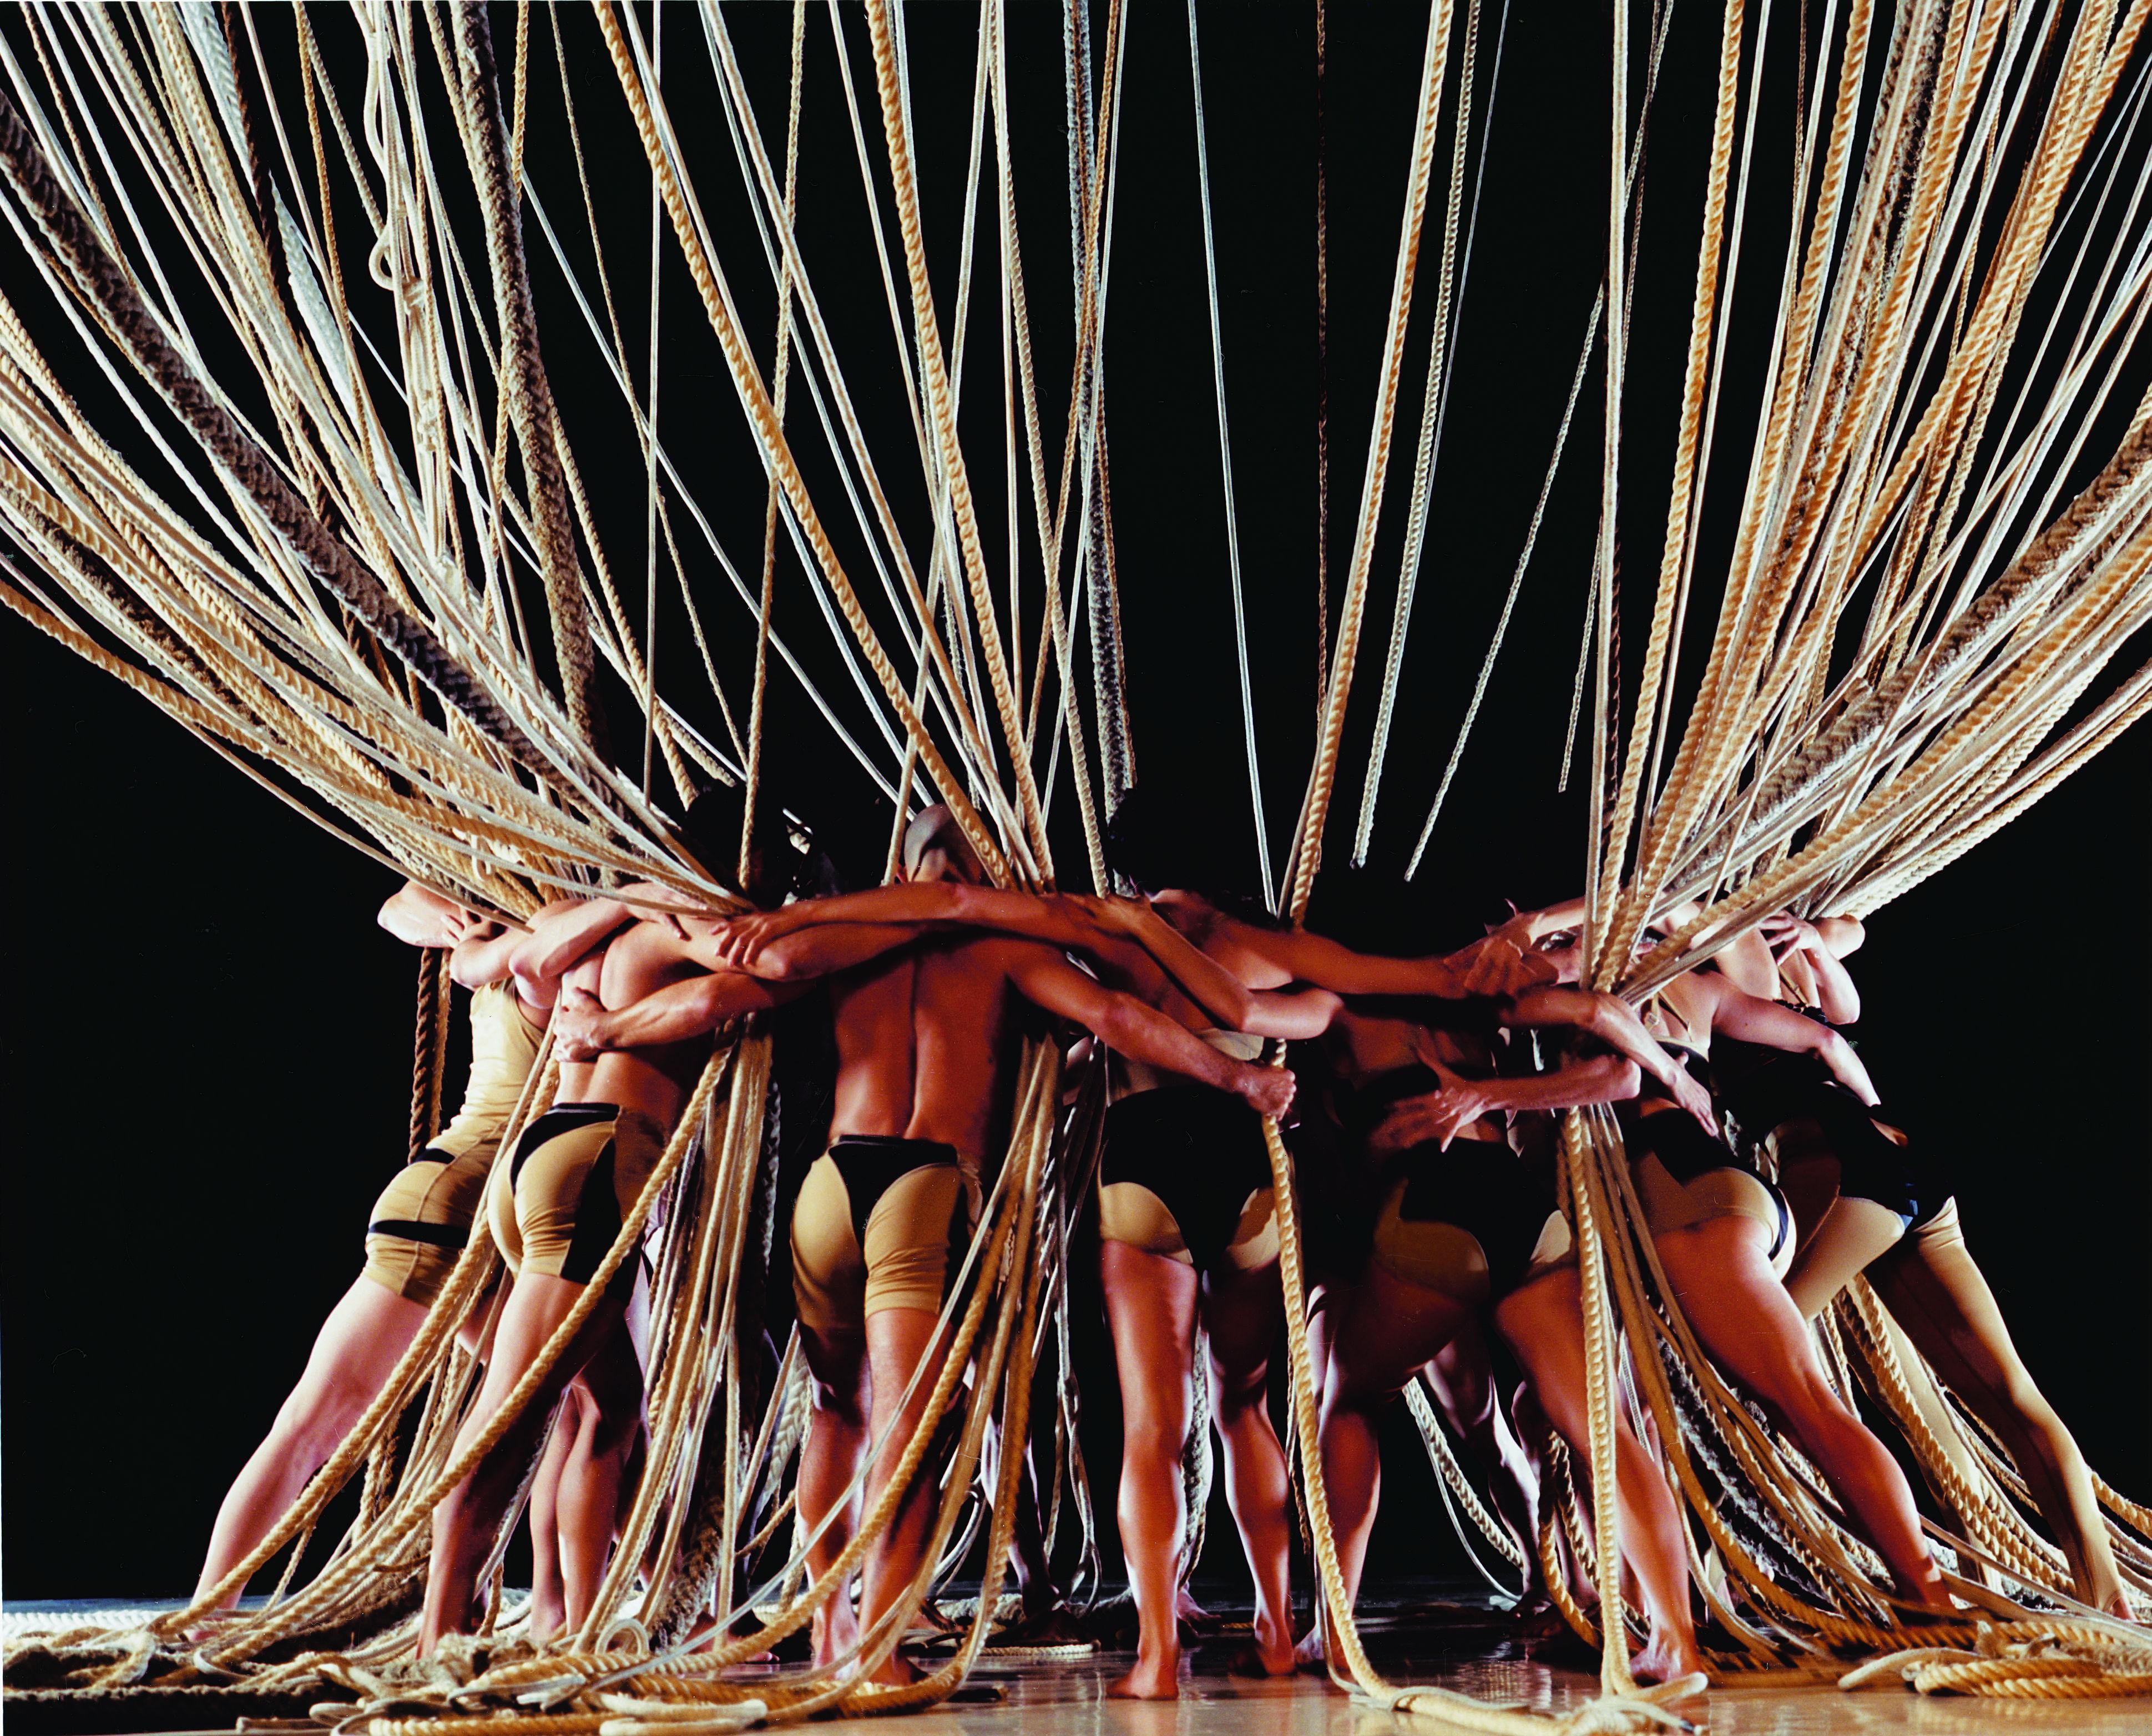 Companhia Deborah Colker apresenta nova montagem do espetáculo 'Nó' em Maceió